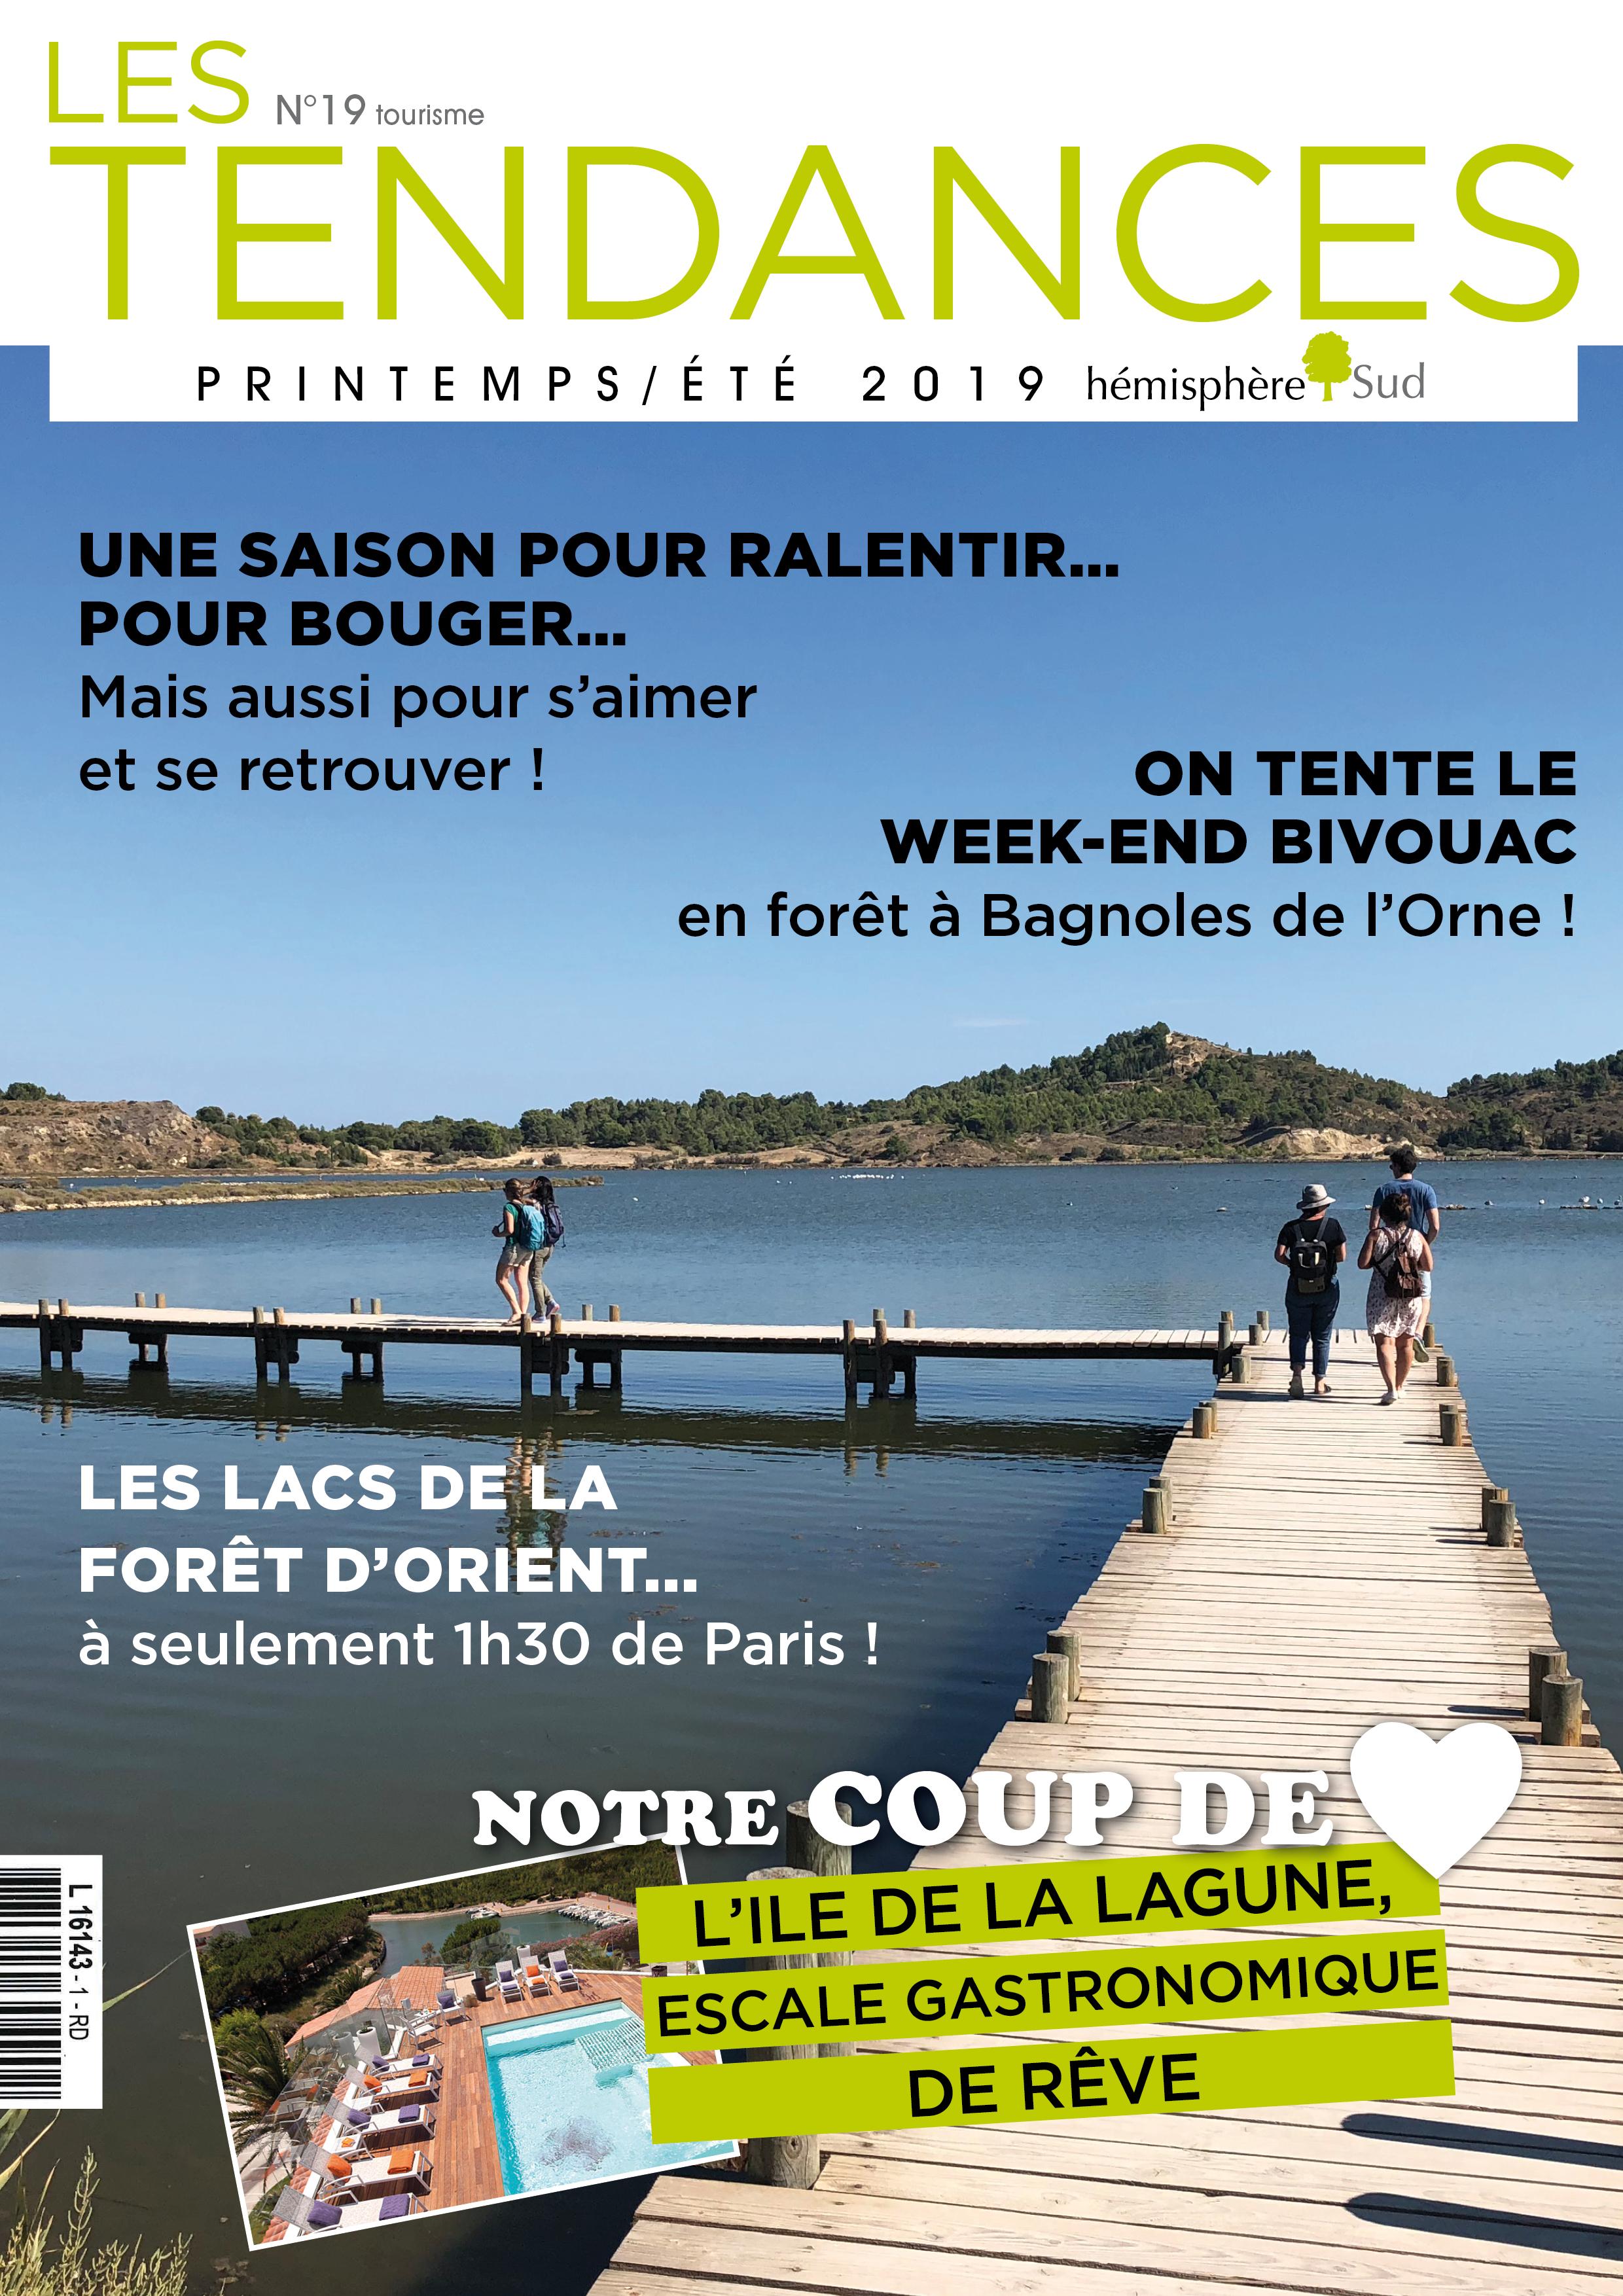 newsletter tourisme RP hémisphère sud